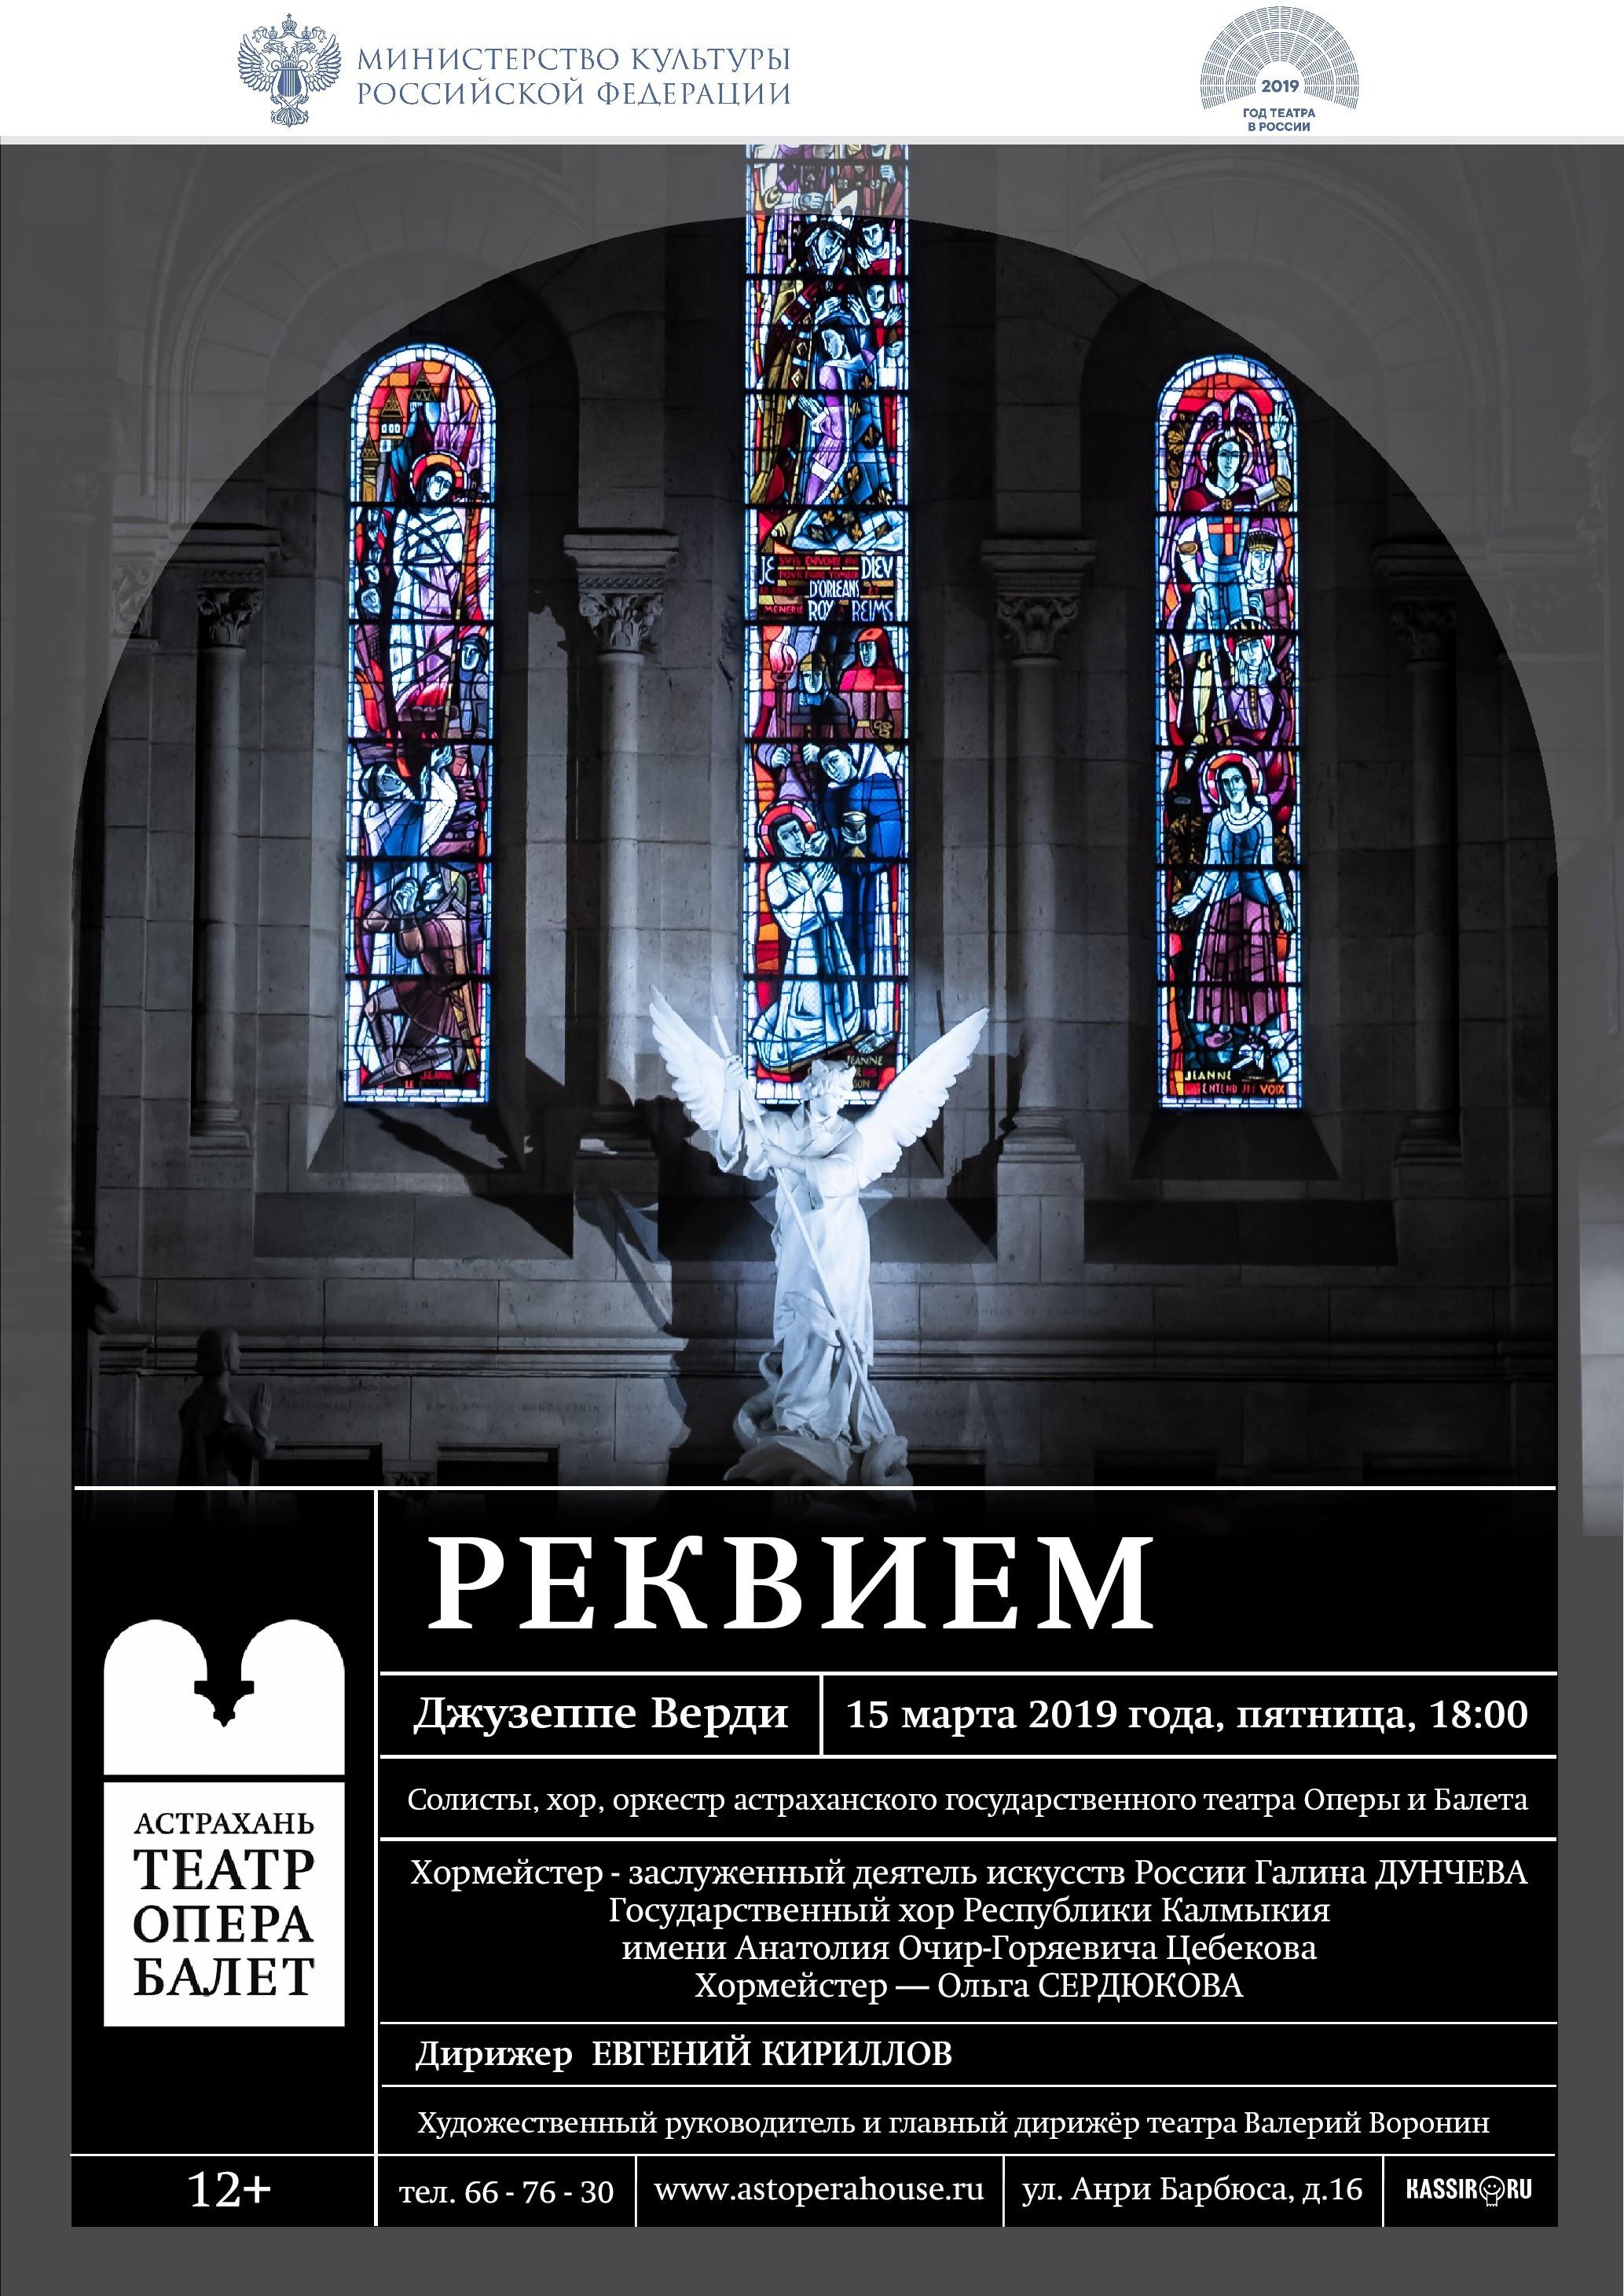 «Реквием» Дж. Верди впервые исполнят на сцене Астраханского театра Оперы и Балета